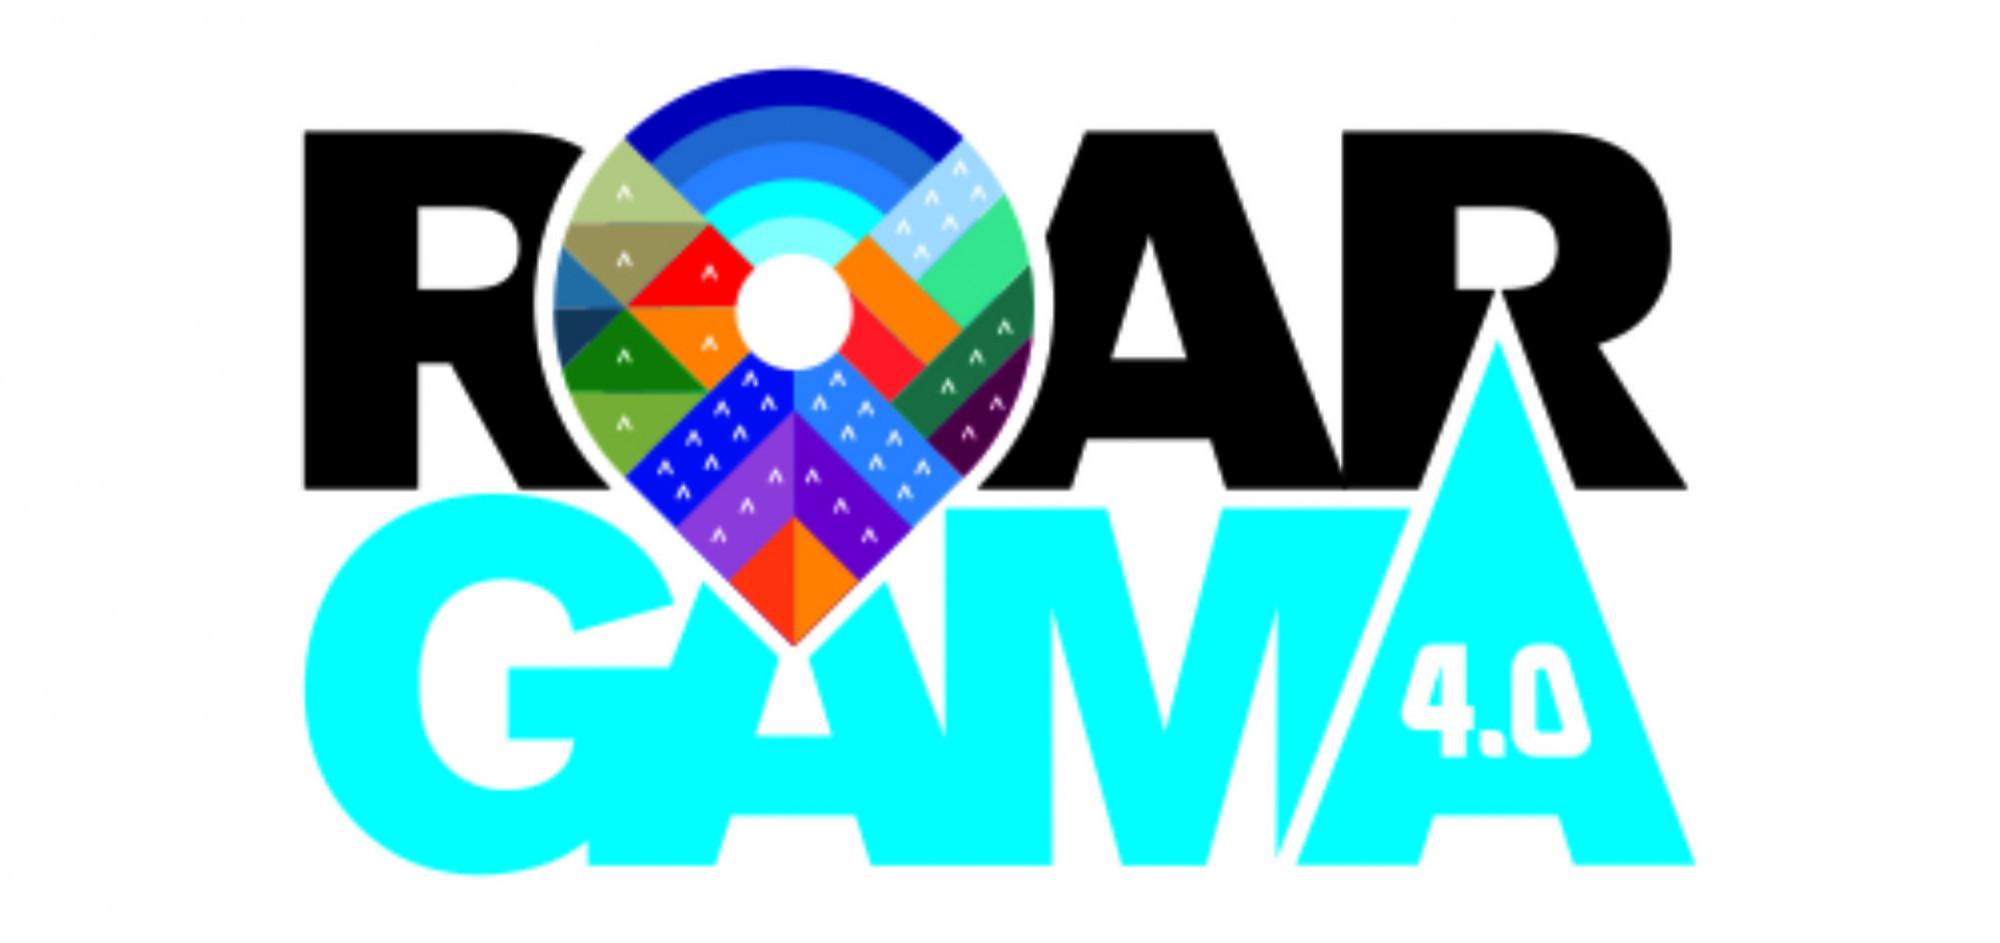 ROAR GAMA 4.0